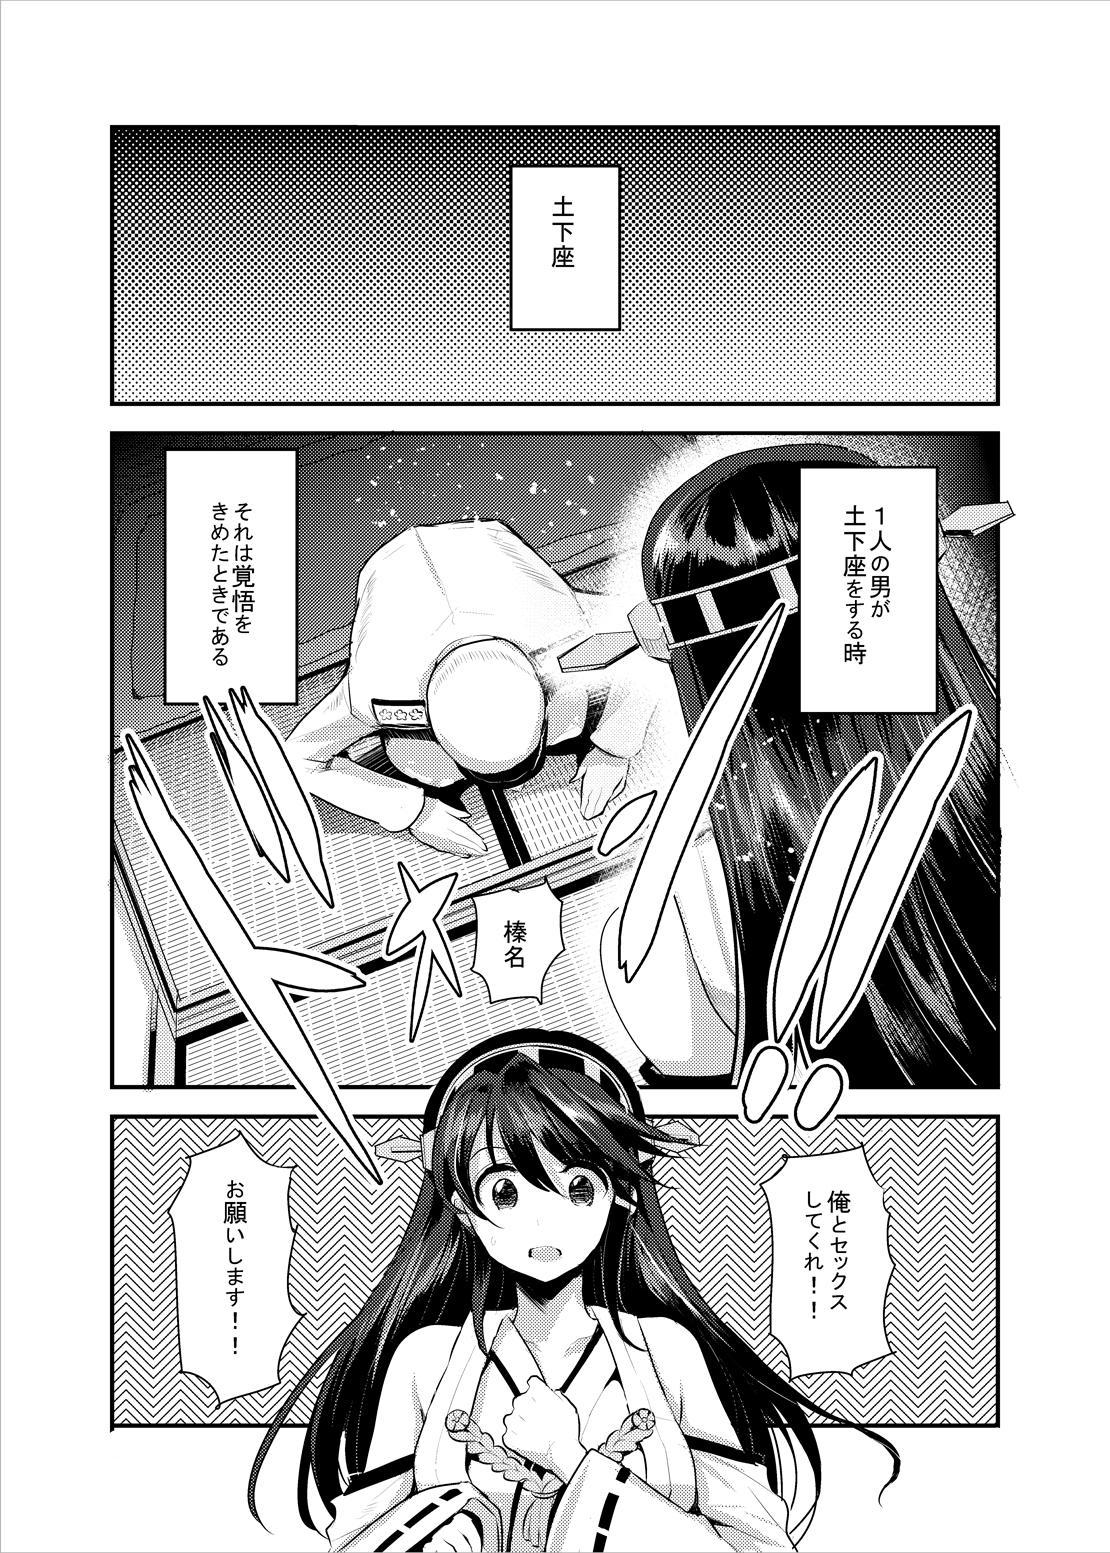 Haruna ni Dogeza de Onegai Shitara Yarasete Kuremashita 3